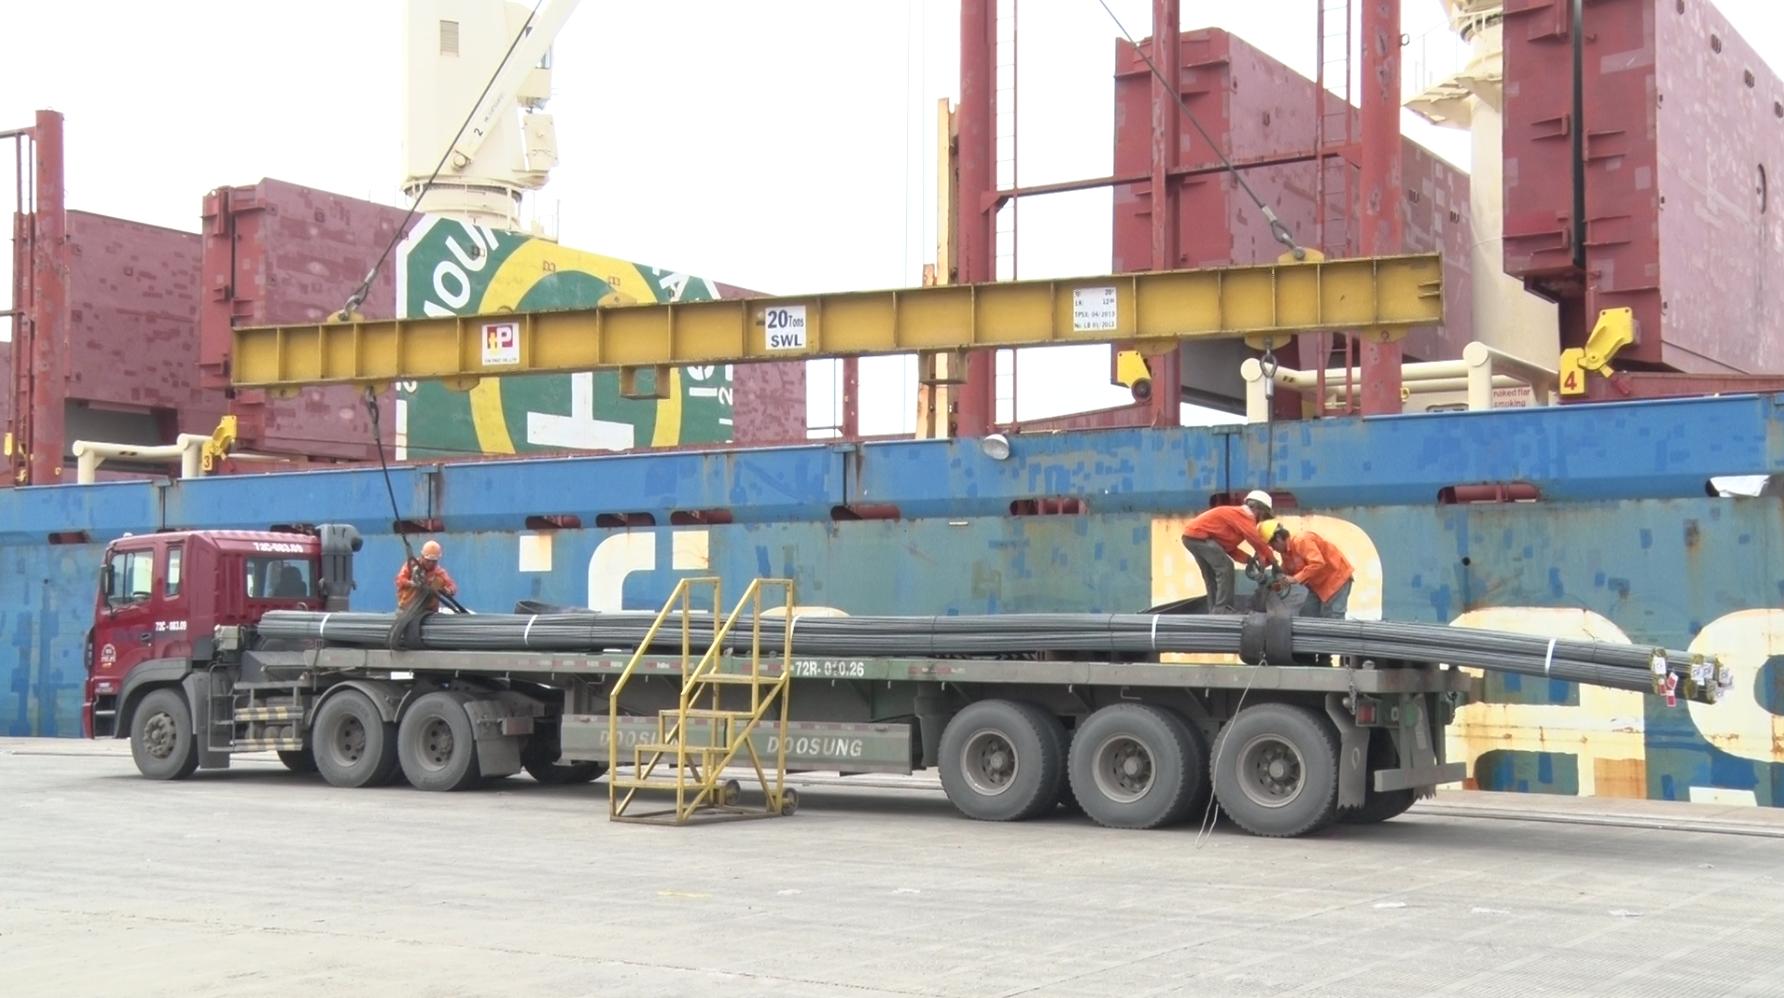 670 nghìn tấn thép xây dựng Pomina cho ra thị trường trong 8 tháng đầu năm